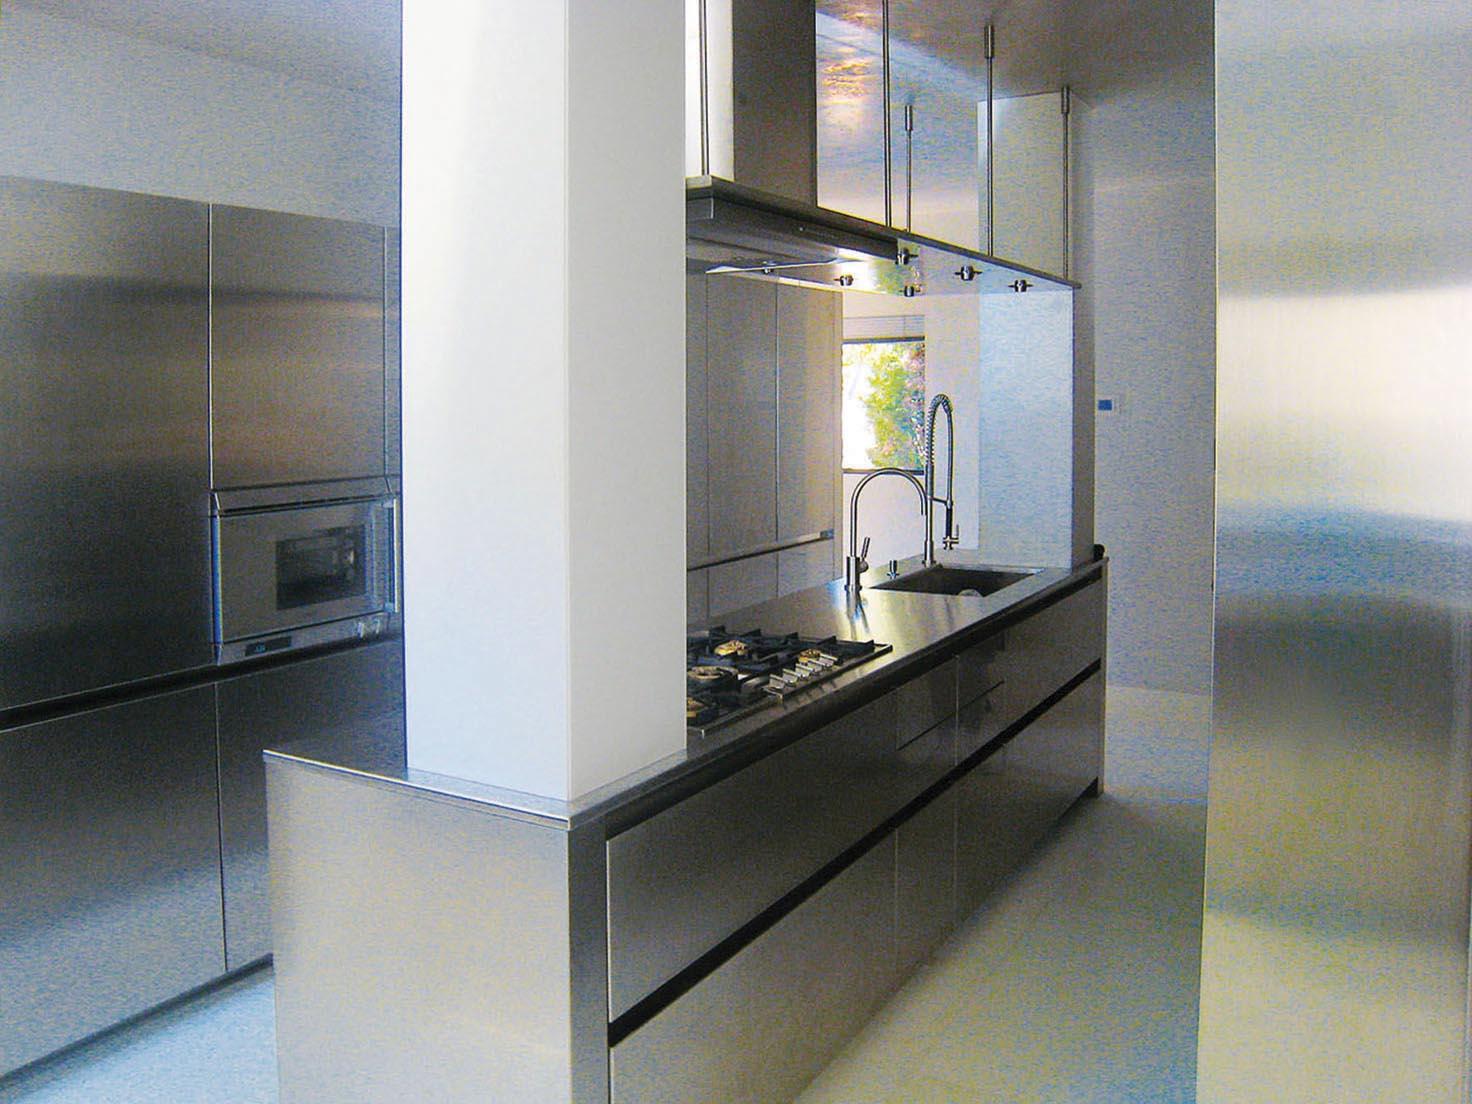 cuisines professionnelles exclusives pour r sidence priv e atelier de saint paul. Black Bedroom Furniture Sets. Home Design Ideas